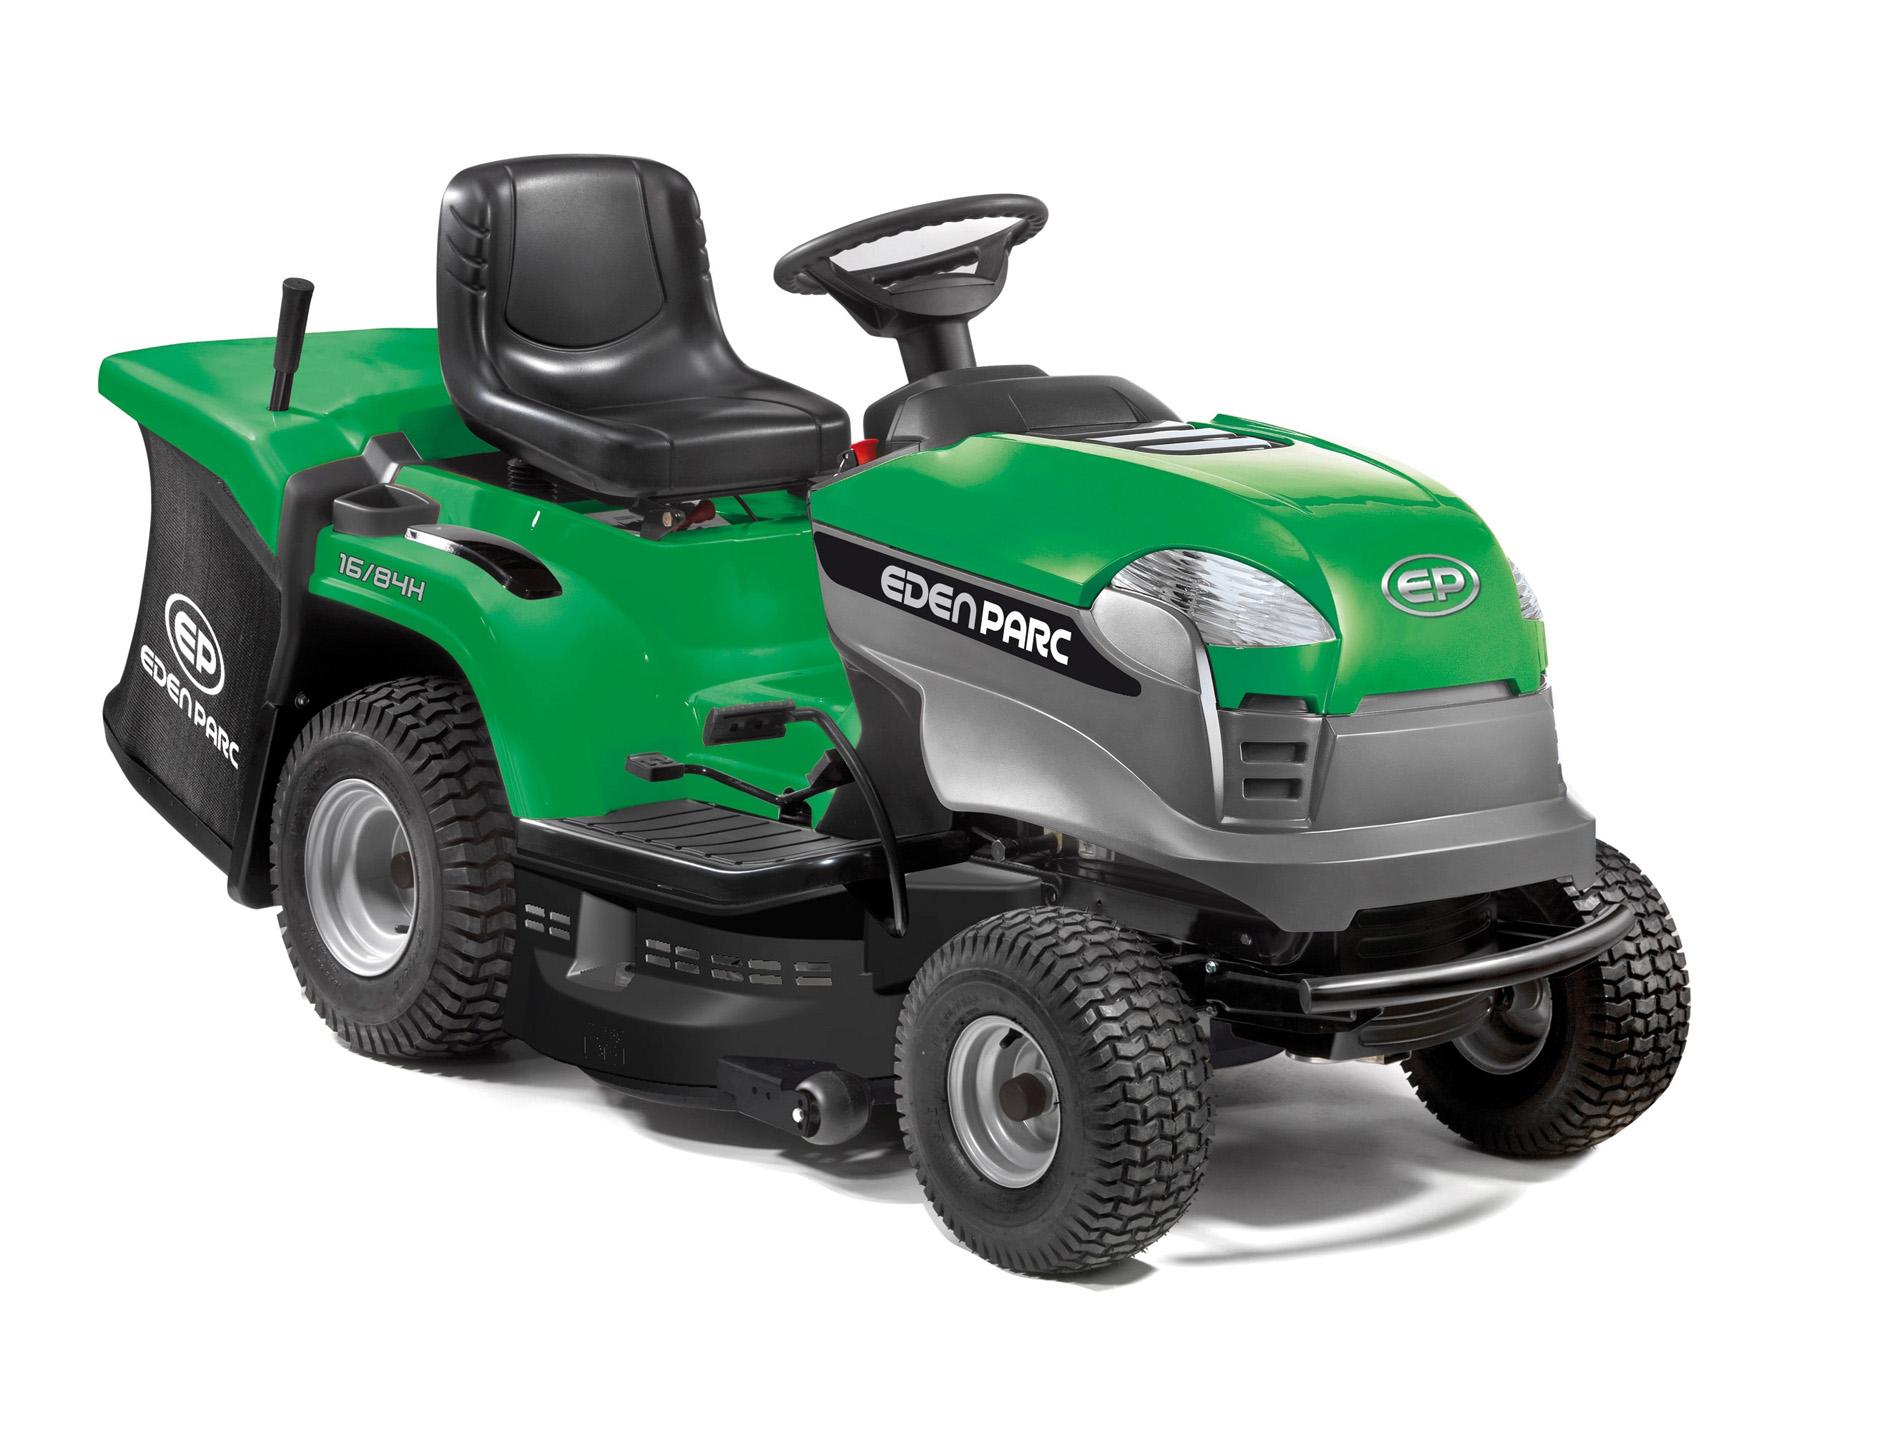 tracteur tondeuse eden parc ba 165g 84h 452cc tondeuses motoculture. Black Bedroom Furniture Sets. Home Design Ideas